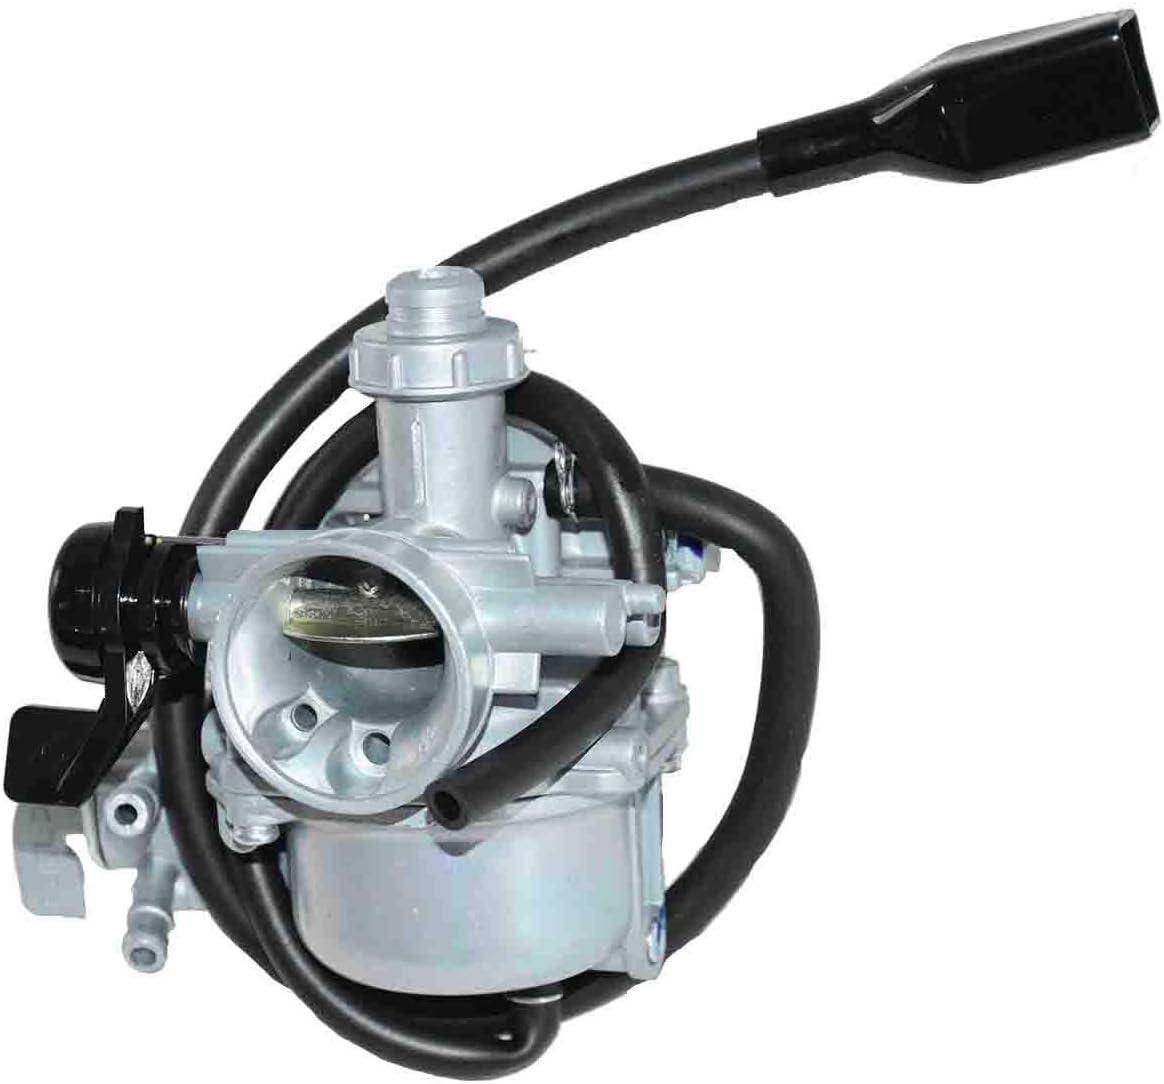 Autu Parts 16100-HP2-673 Carburetor for HONDA FOURTRAX TRX90 TRX90EX TRX 90 ATV CARB 2006-2014